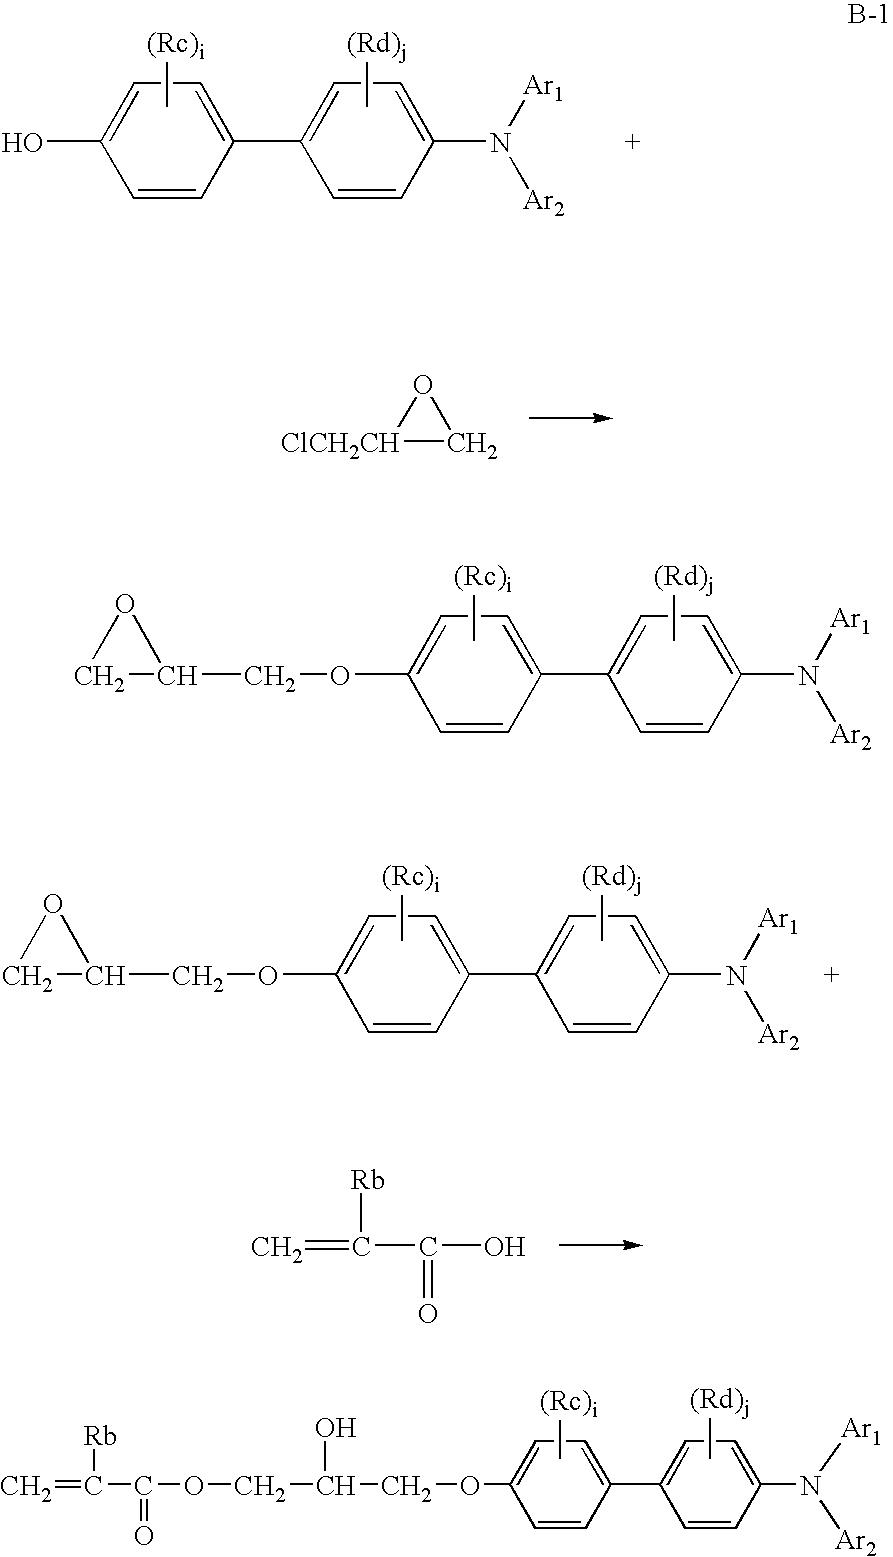 Figure US07629094-20091208-C00029